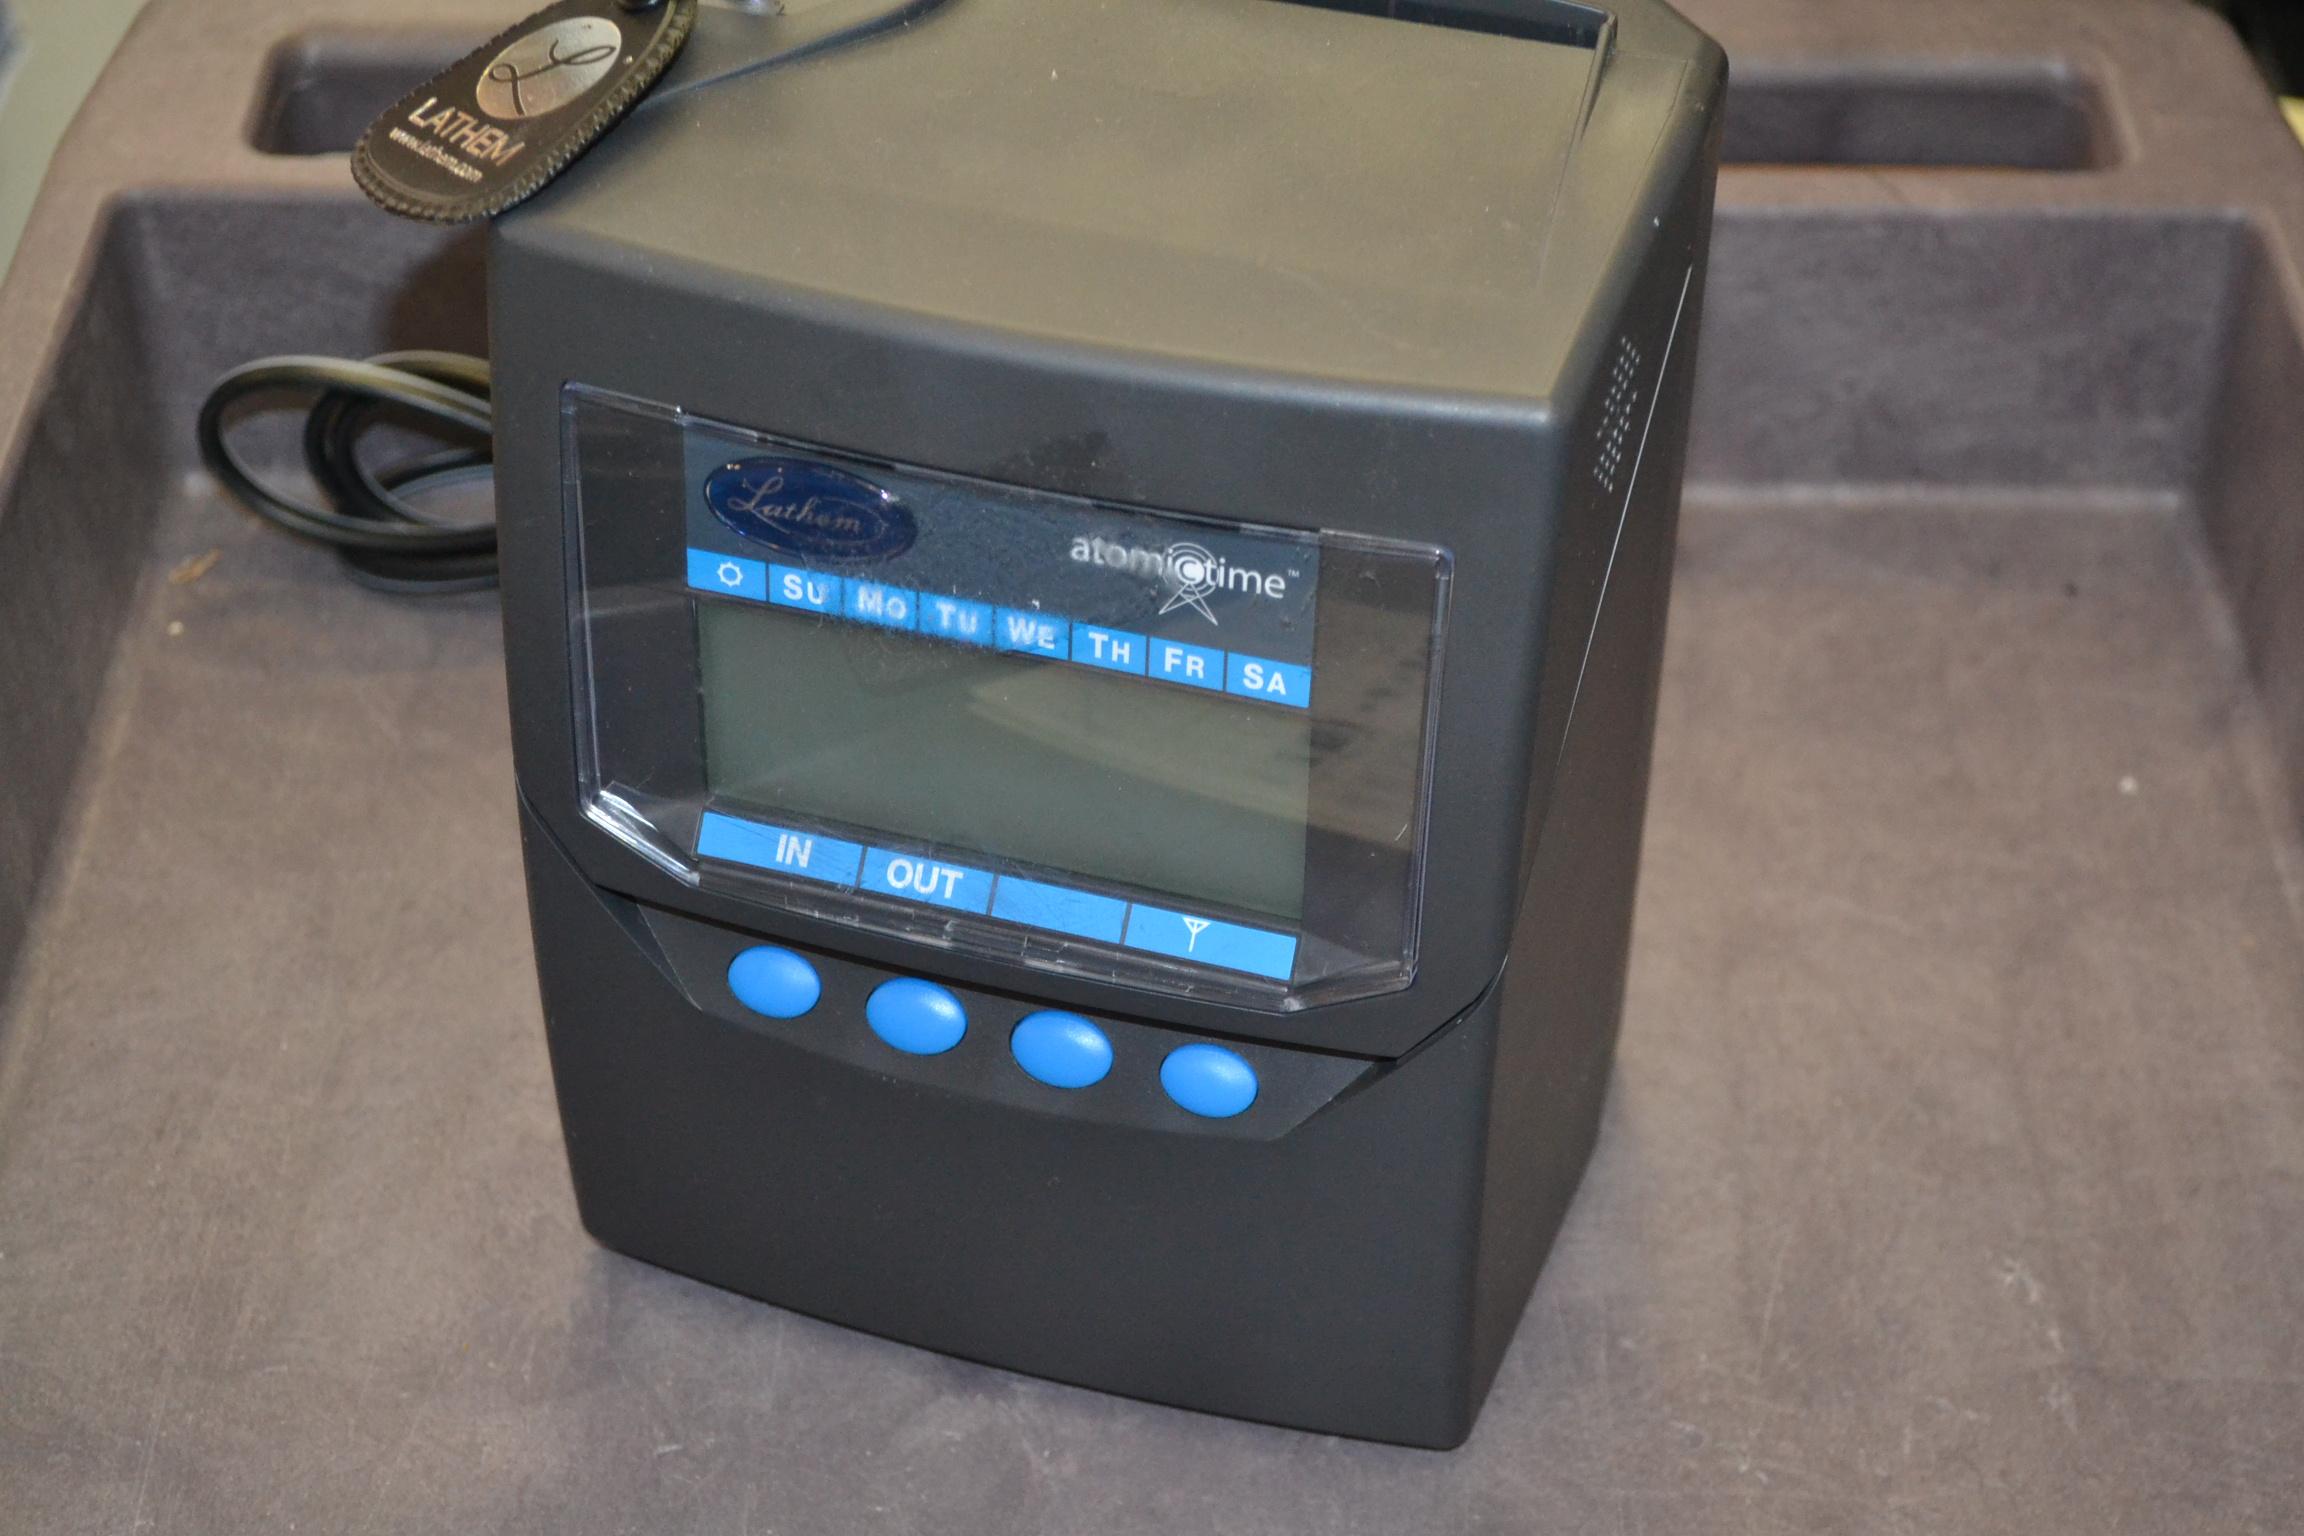 lathem time clock 7500e manual